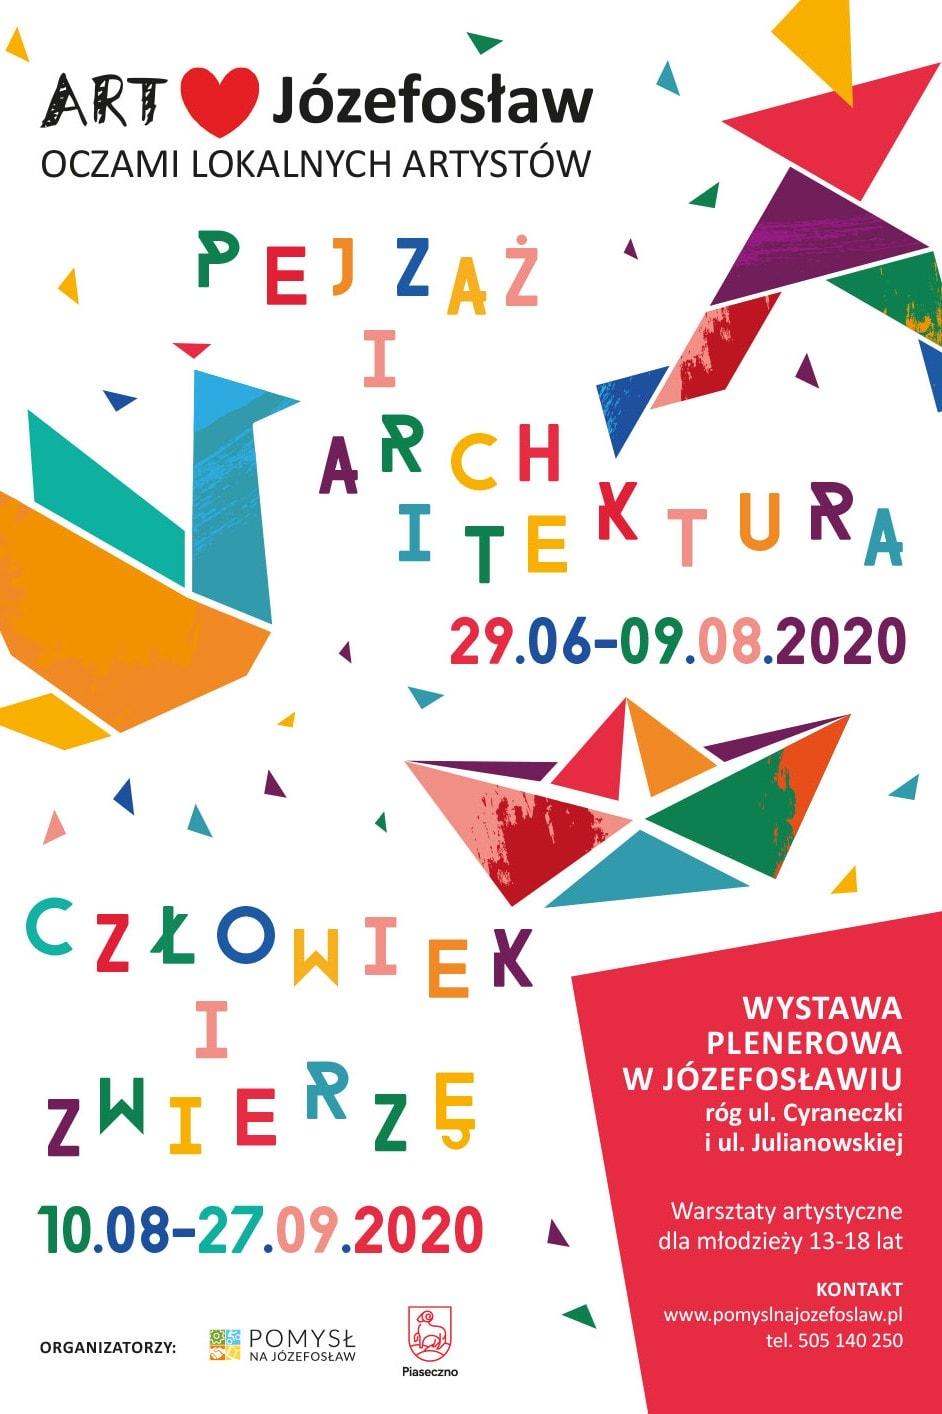 plakat wystawy Art Love Józefosław